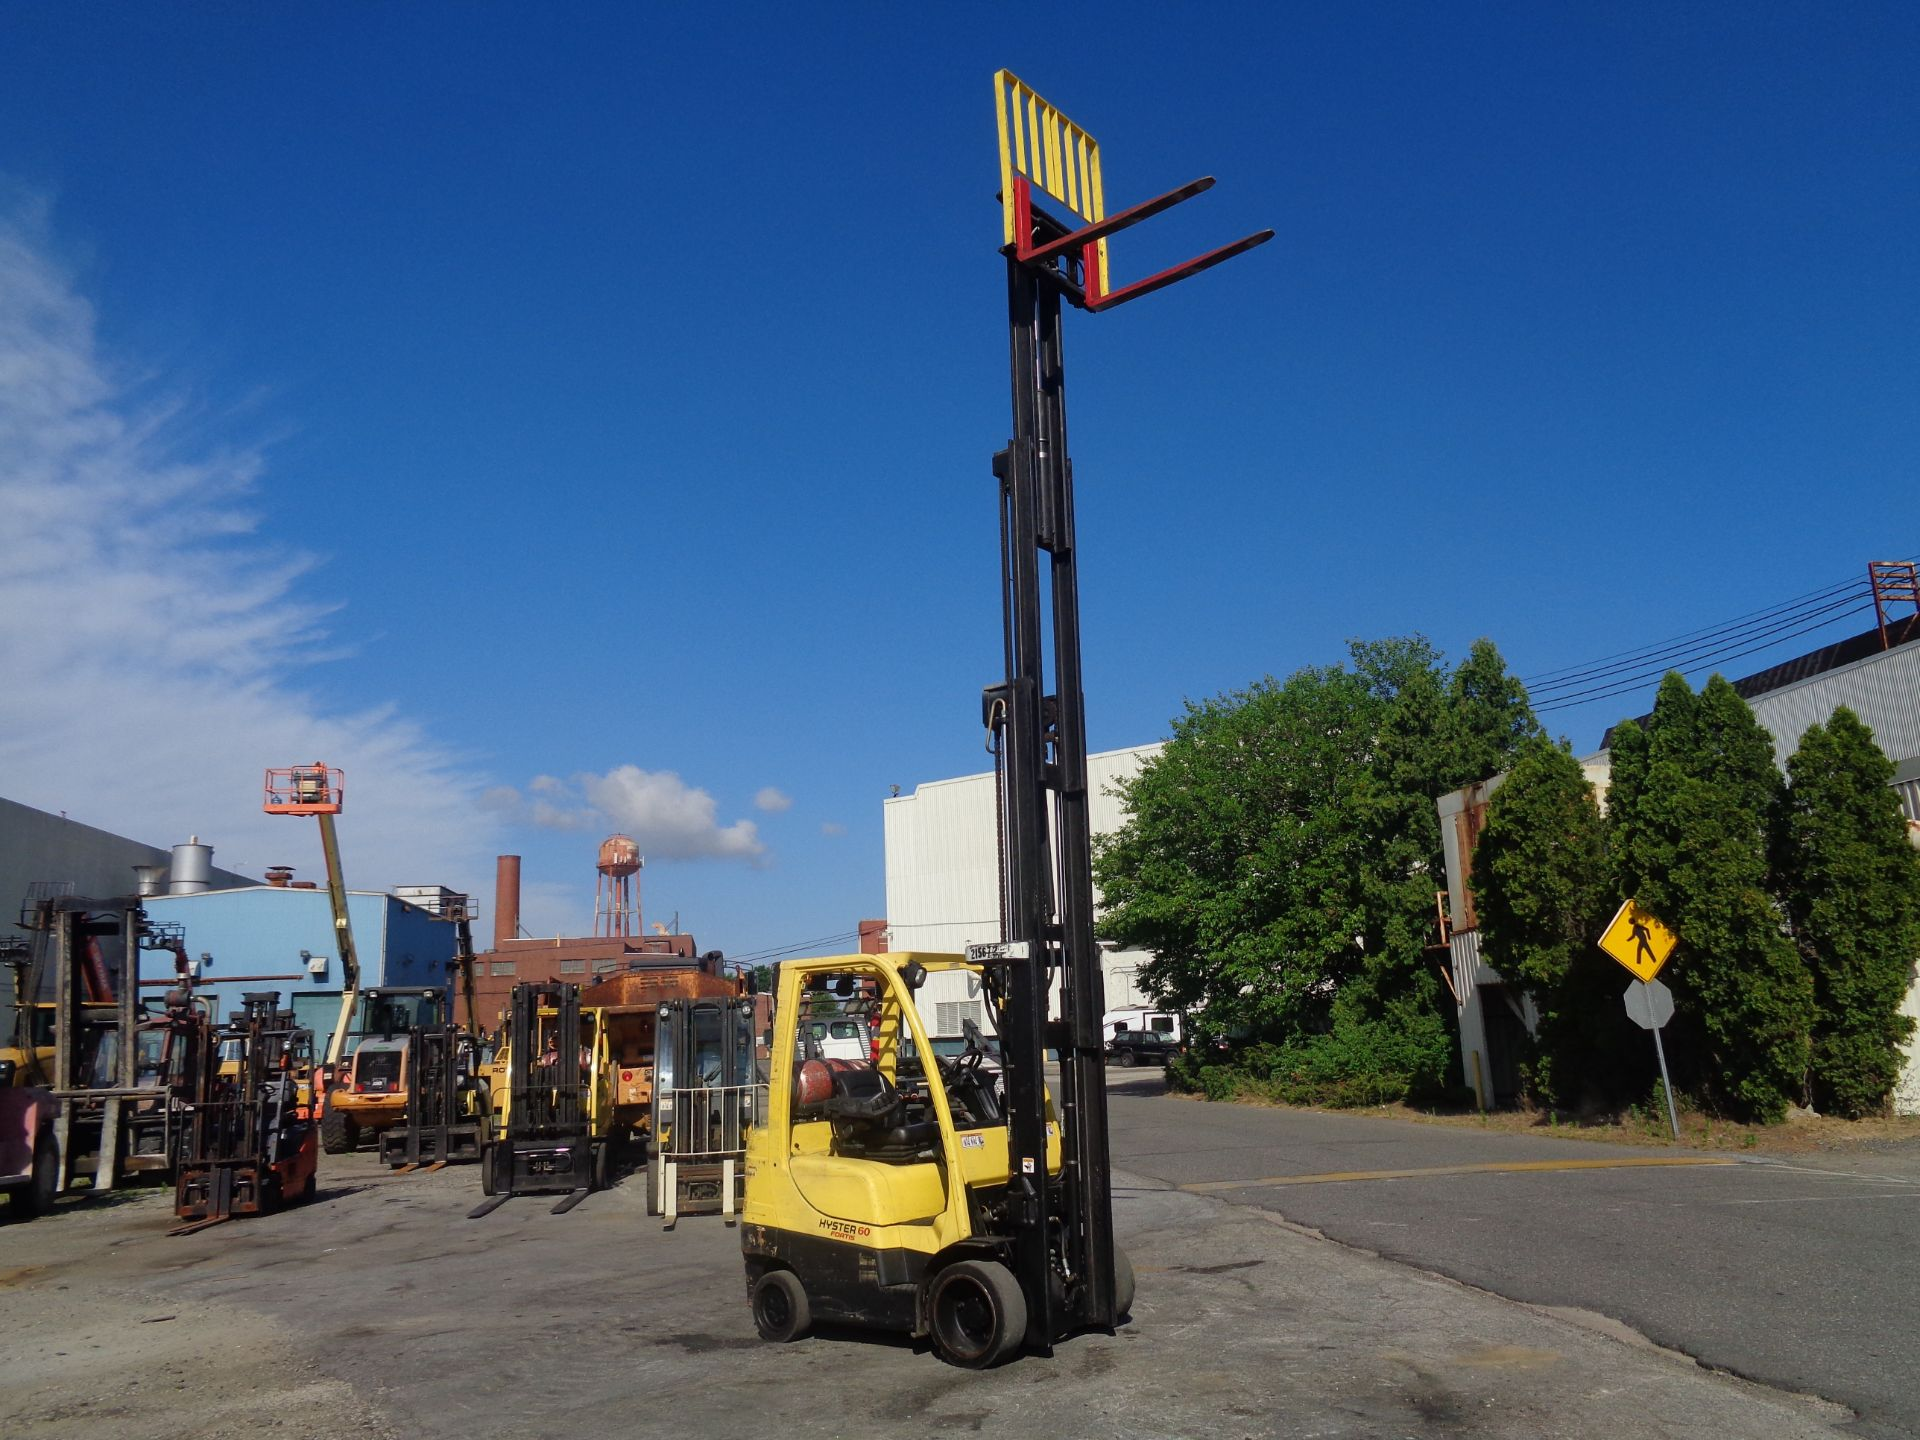 2012 Hyster S60FT 6,000lb Forklift - Quad Mast - Image 12 of 13